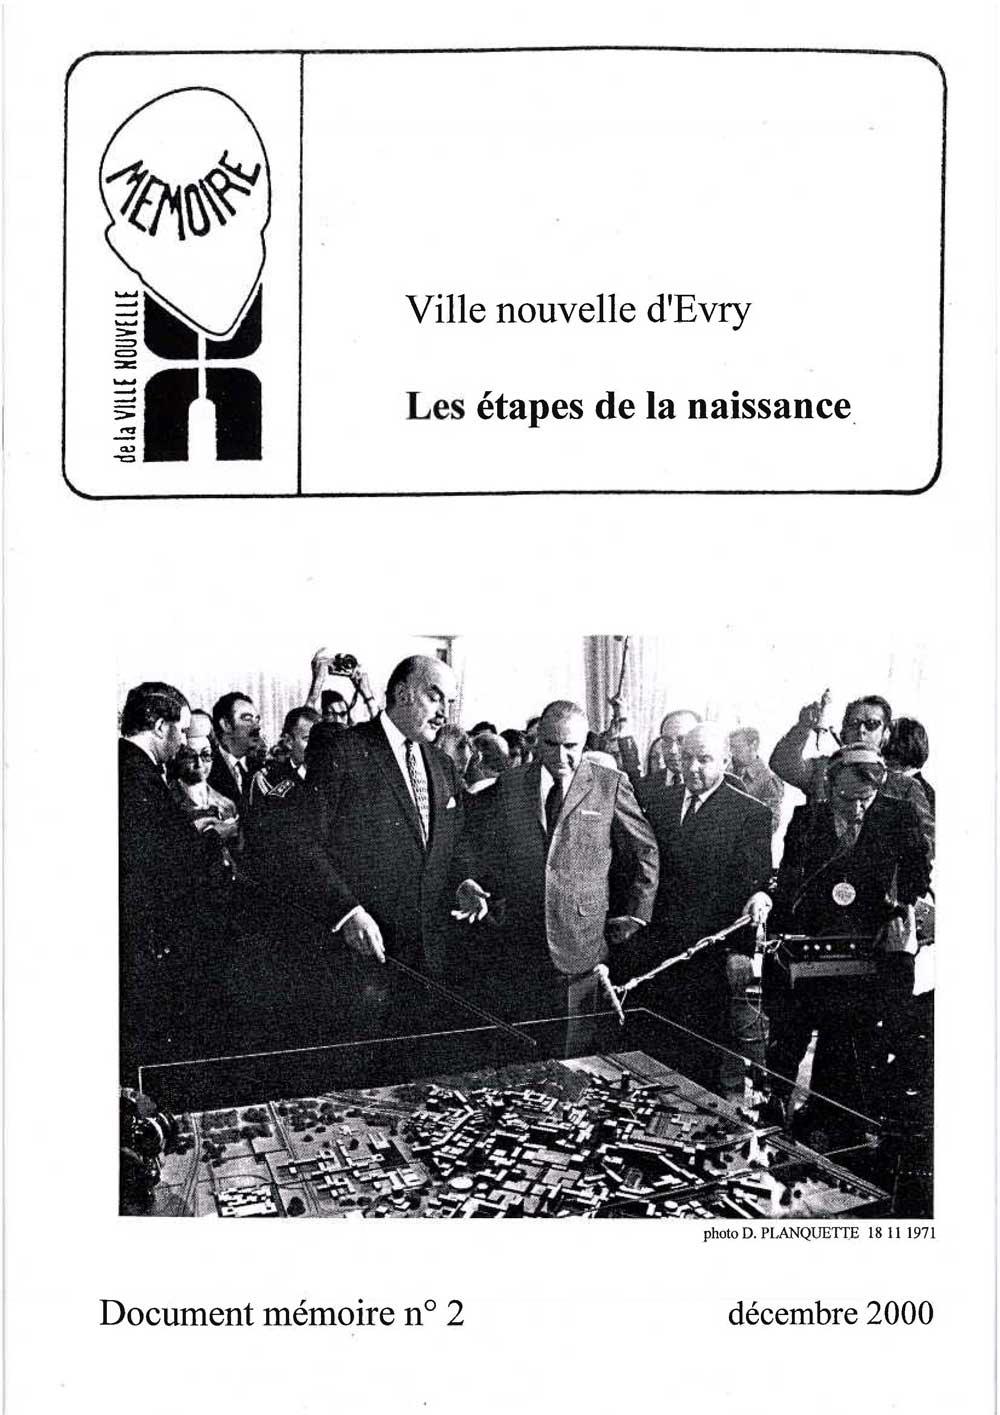 Document mémoire n°2 (2000)